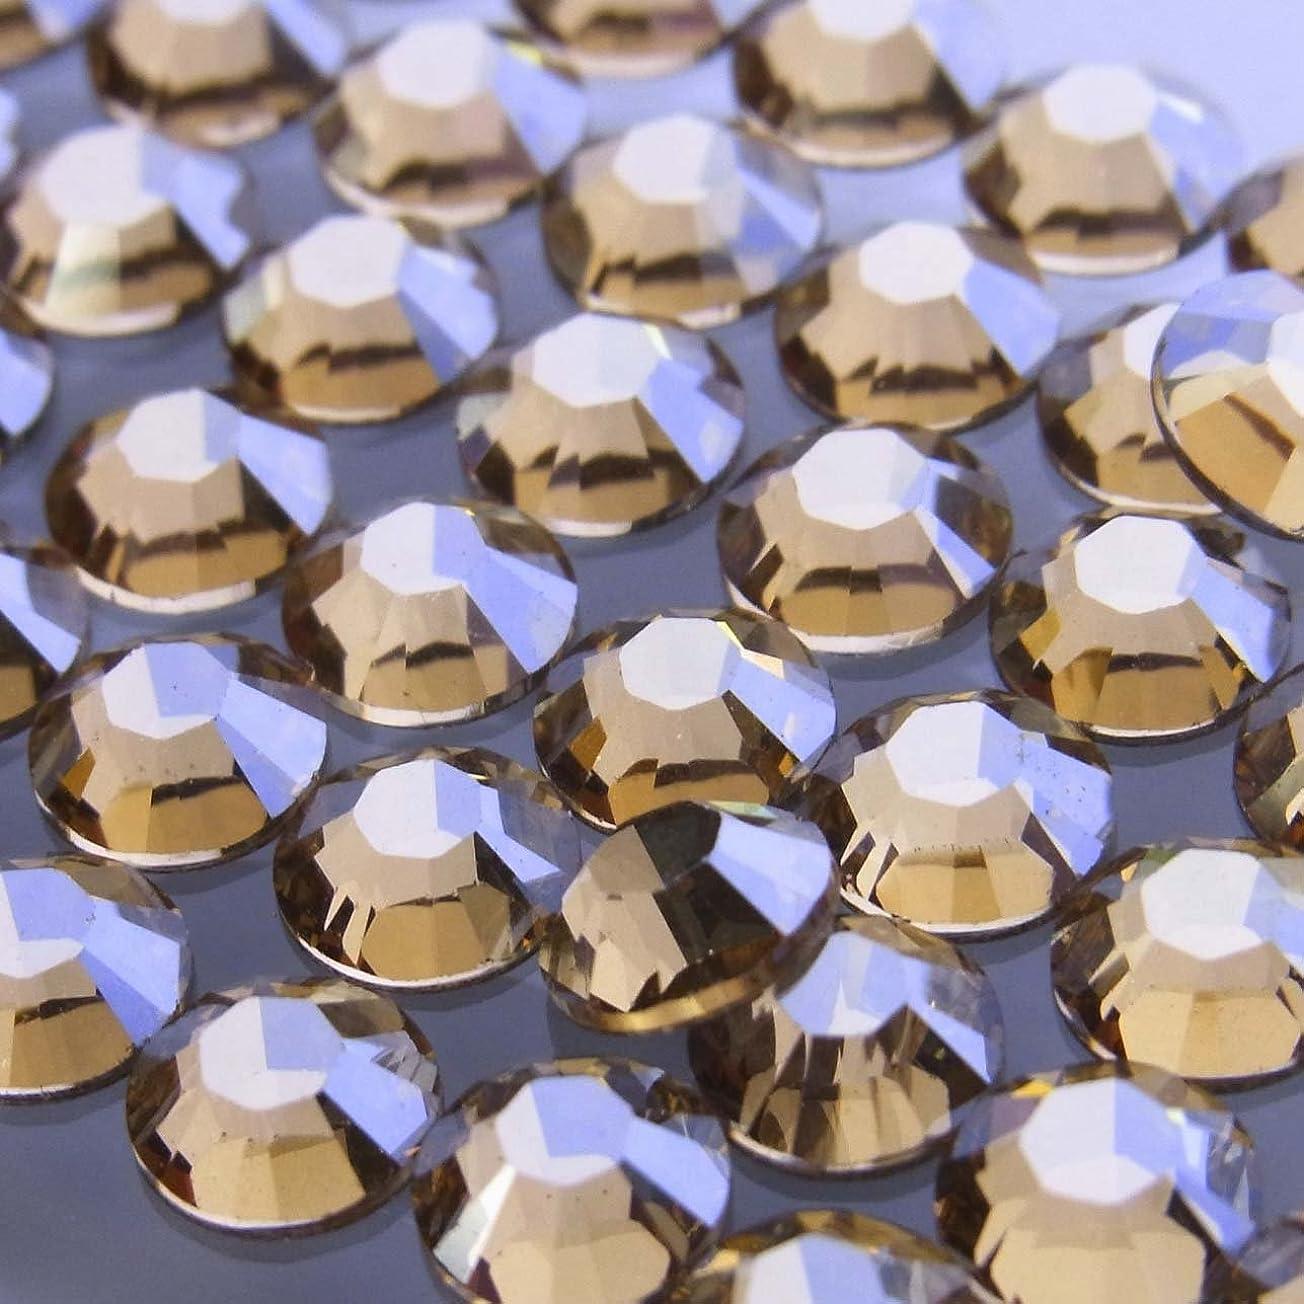 マーティフィールディング漏斗不十分Hotfixクリスタルゴールデンシャドウss16(50粒入り)スワロフスキーラインストーンホットフィックス